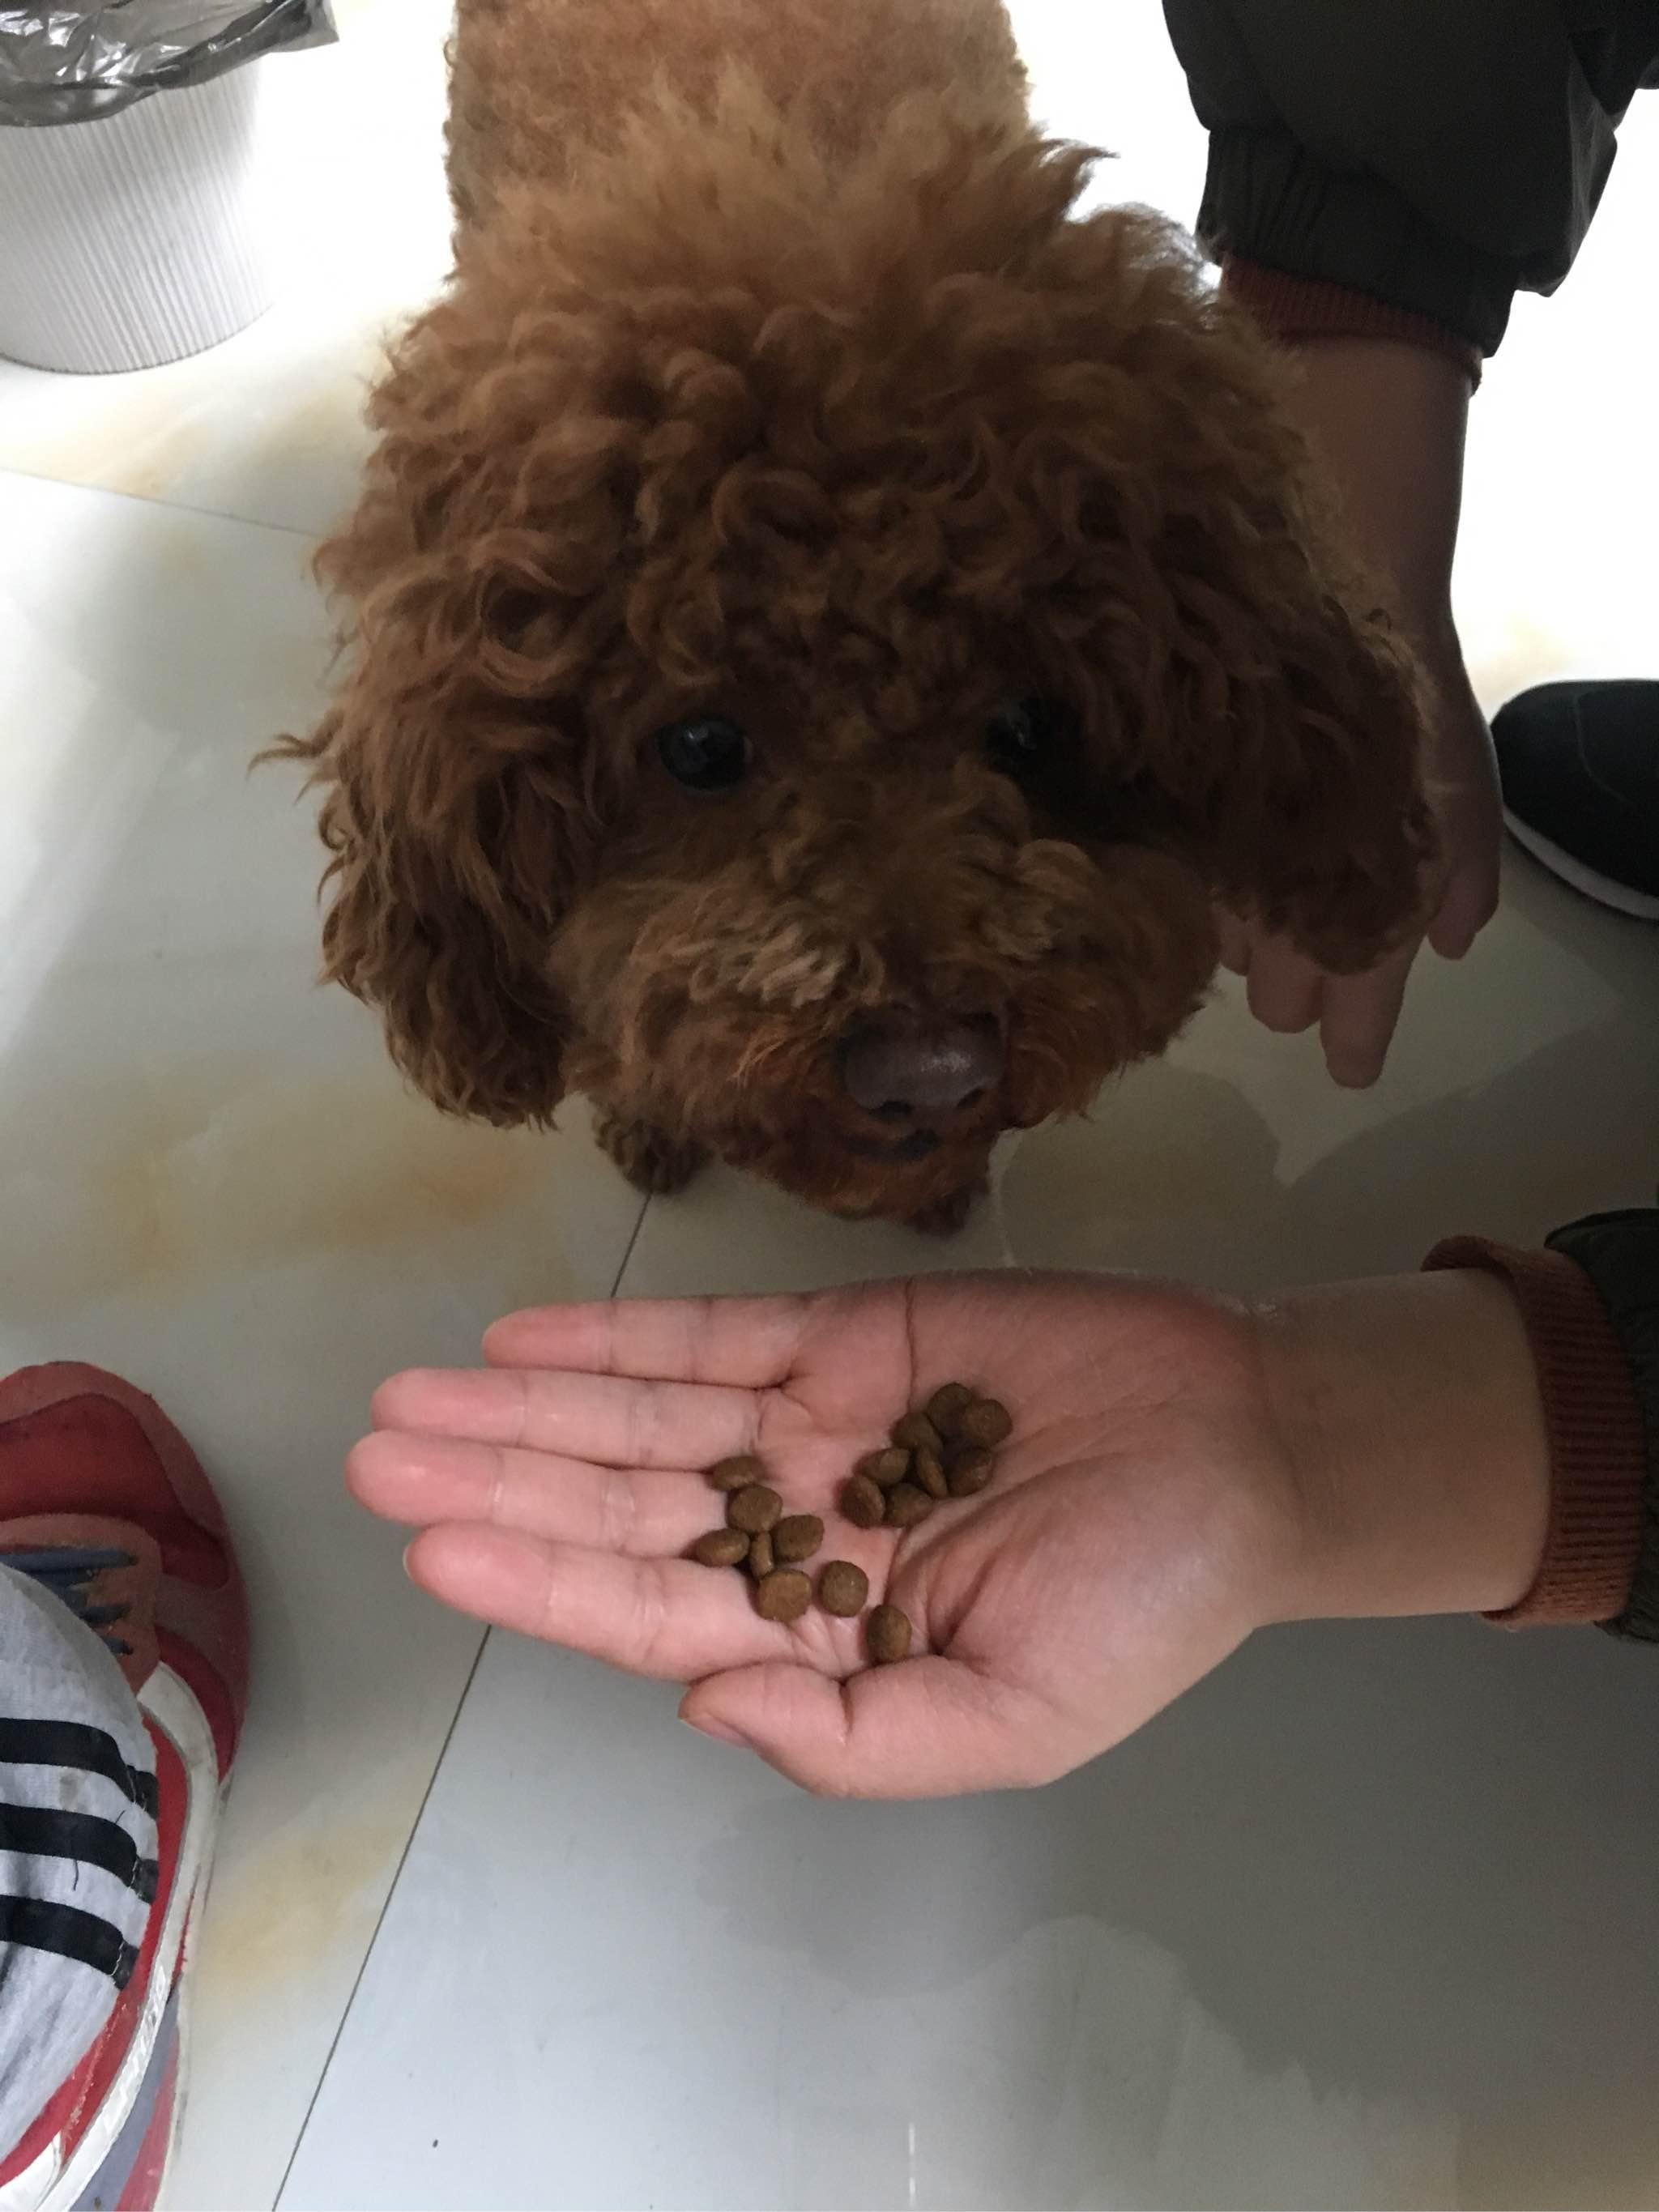 我家泰迪超爱吃格拉腾这个牌子的狗粮